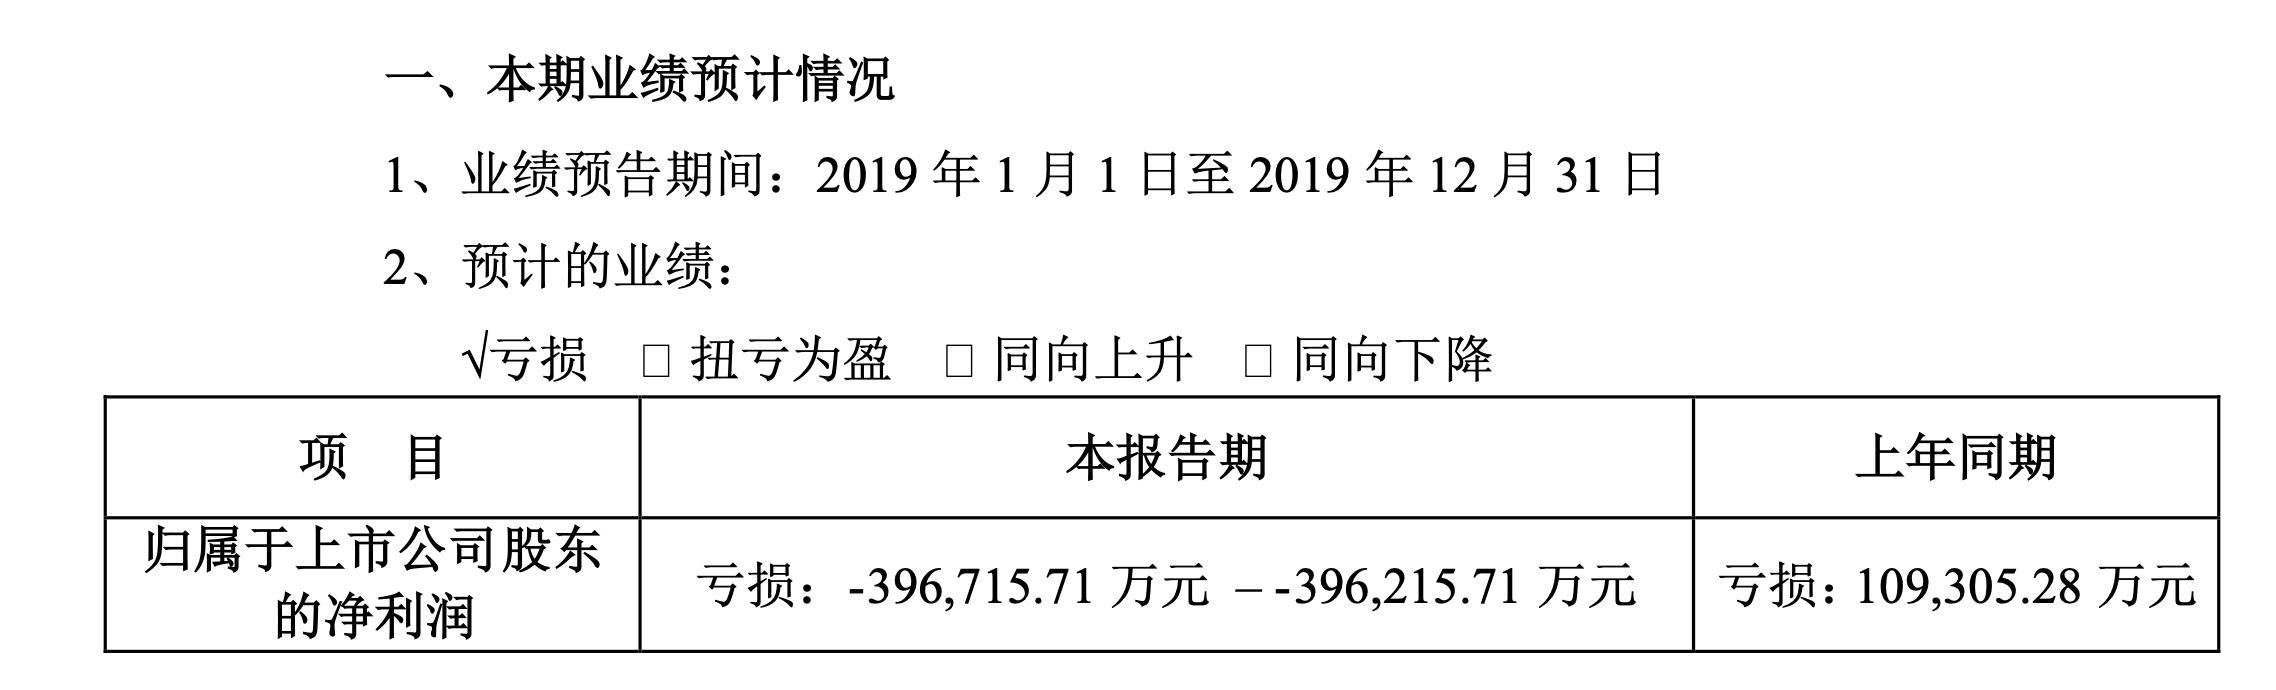 华谊兄弟去年获8193万政府补助,此前10亿元所购冯小刚公司将继续计提商誉减值